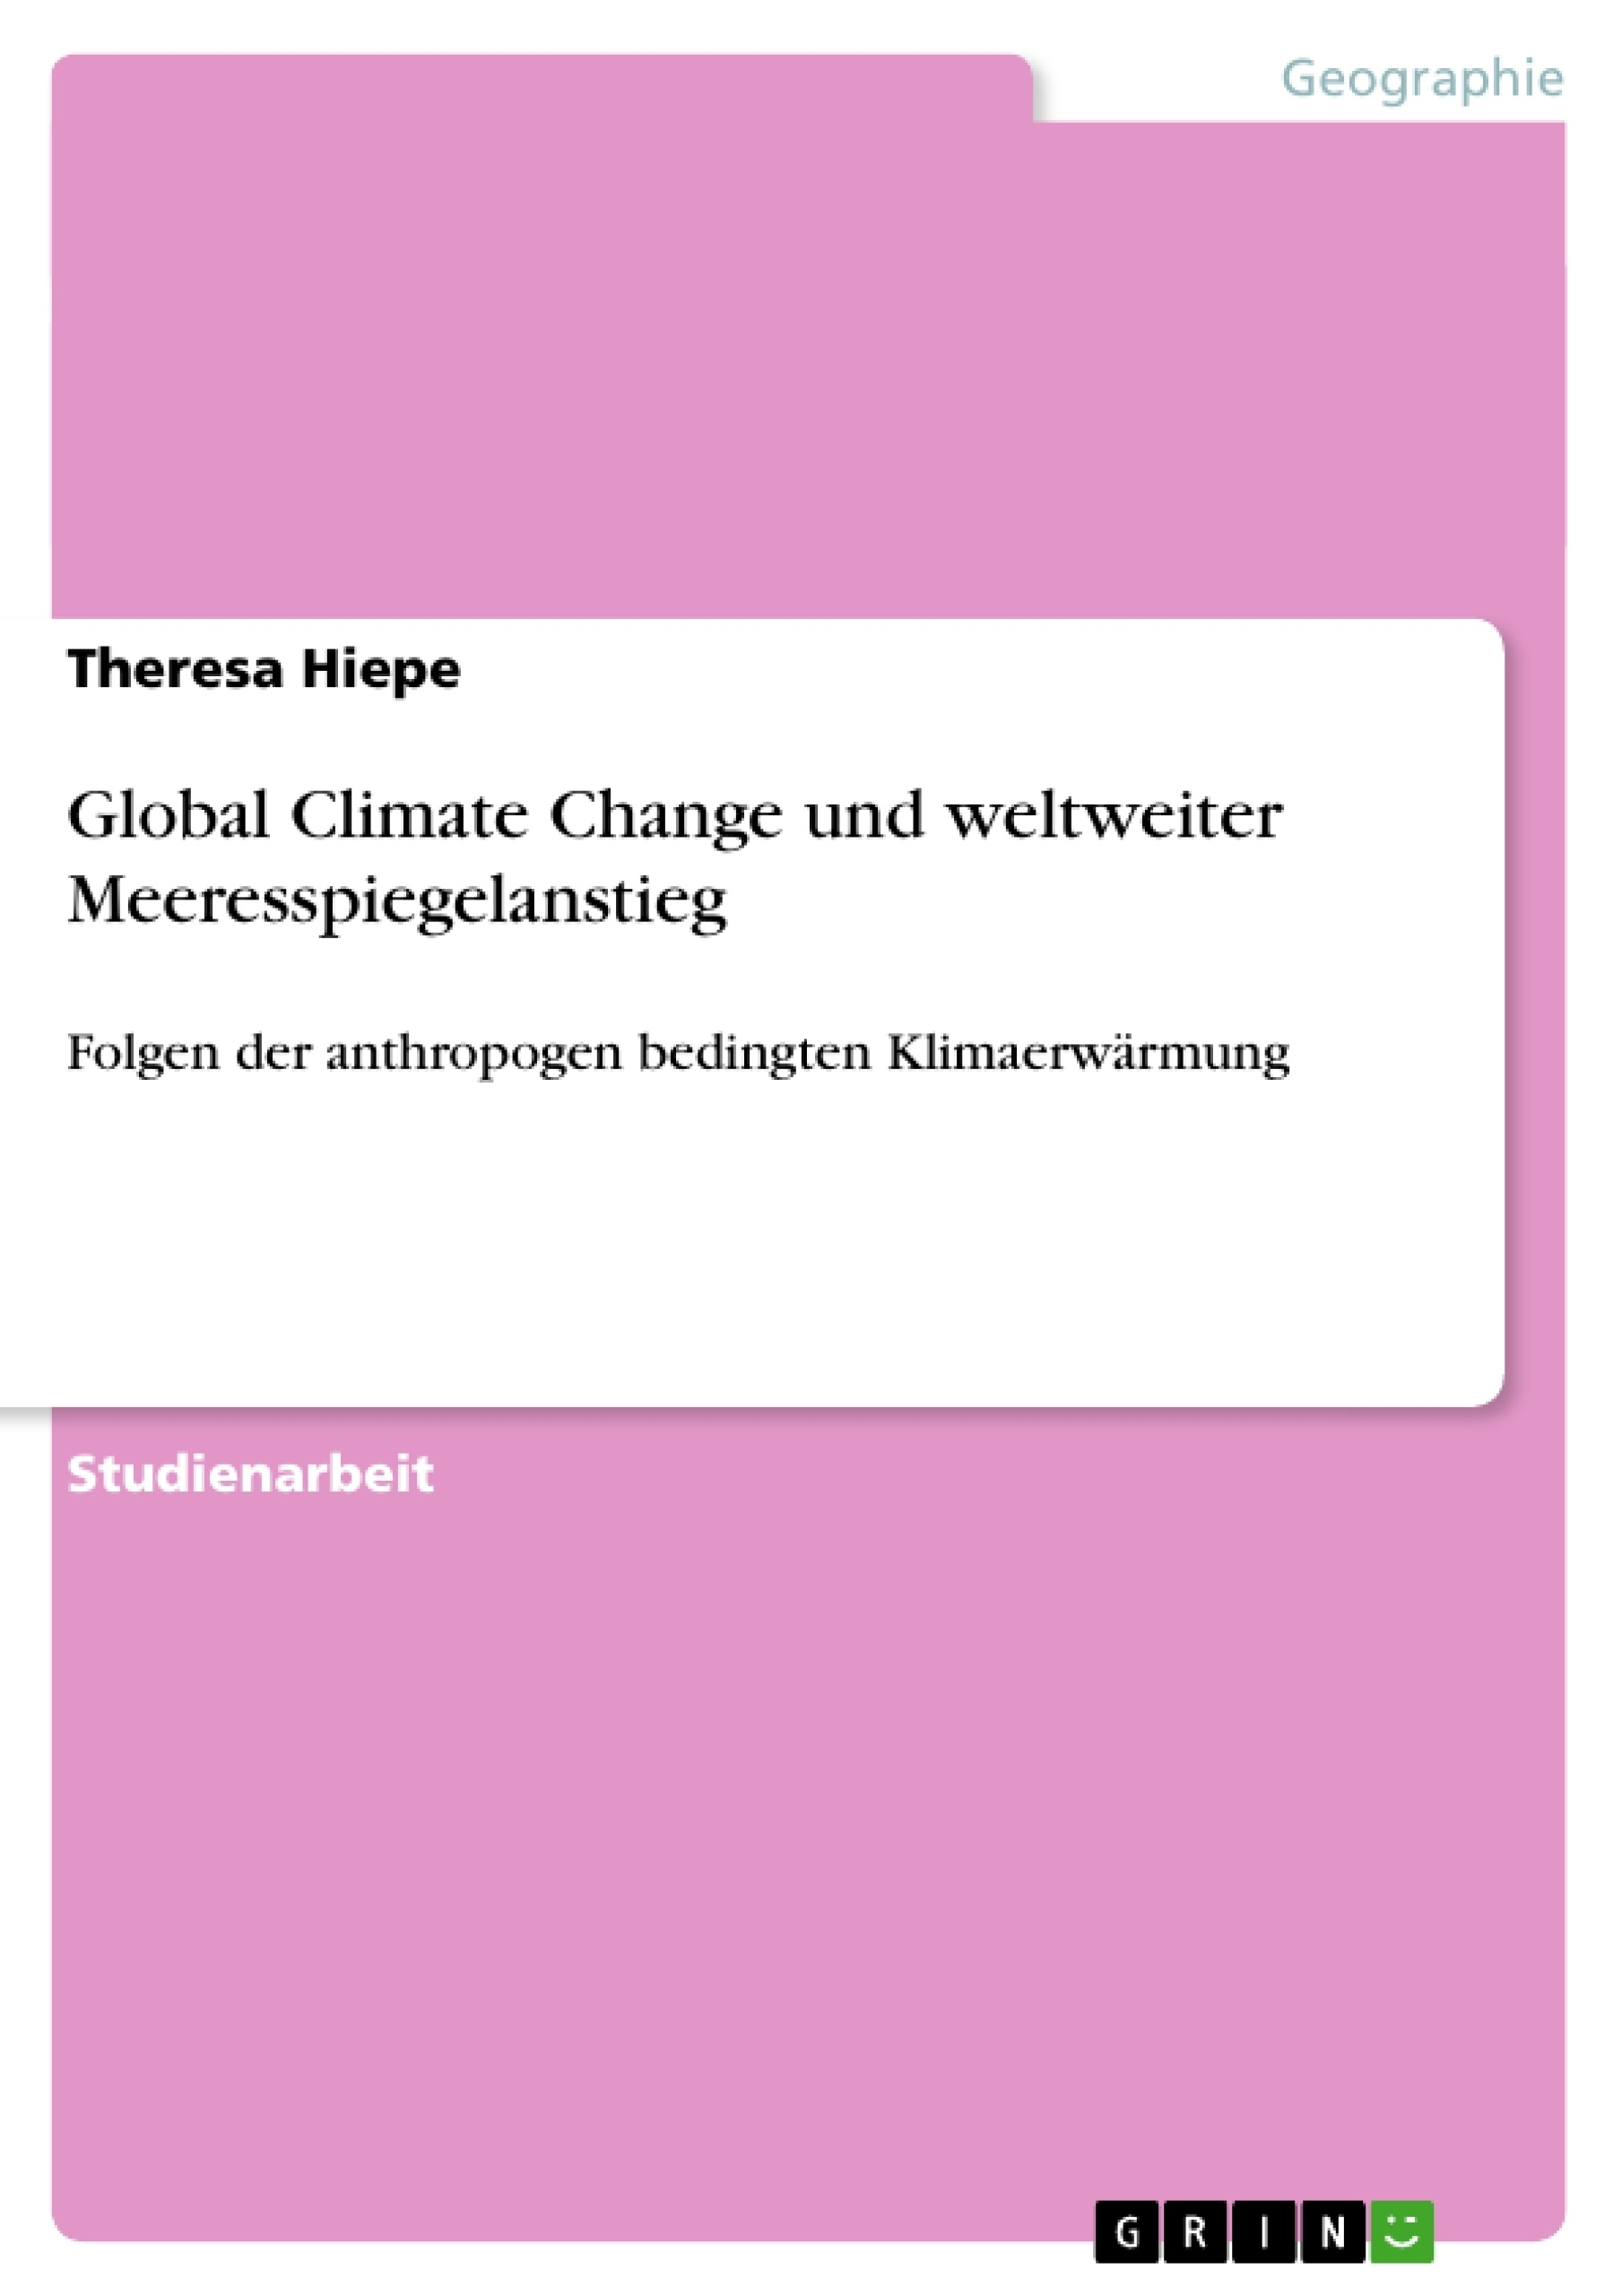 Titel: Global Climate Change und weltweiter Meeresspiegelanstieg